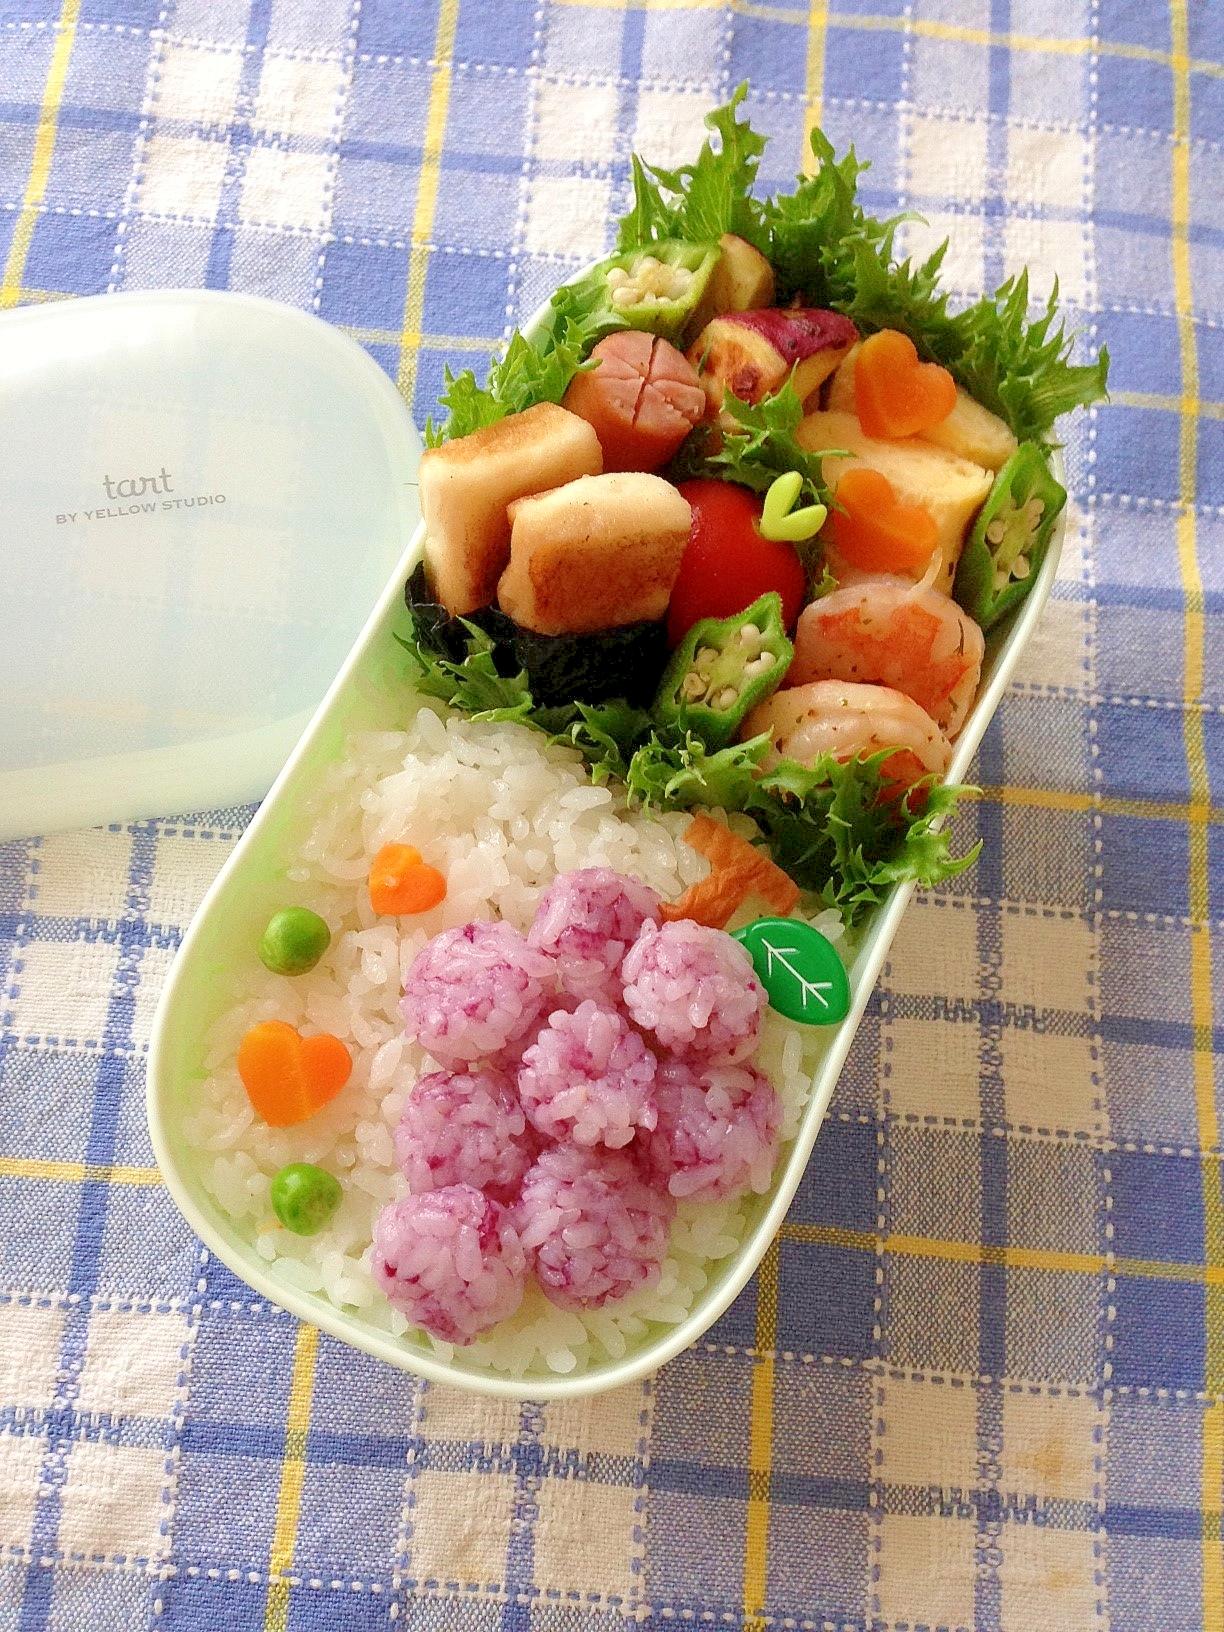 簡単キャラ弁☆秋の味覚!?ぶどうのお弁当♪